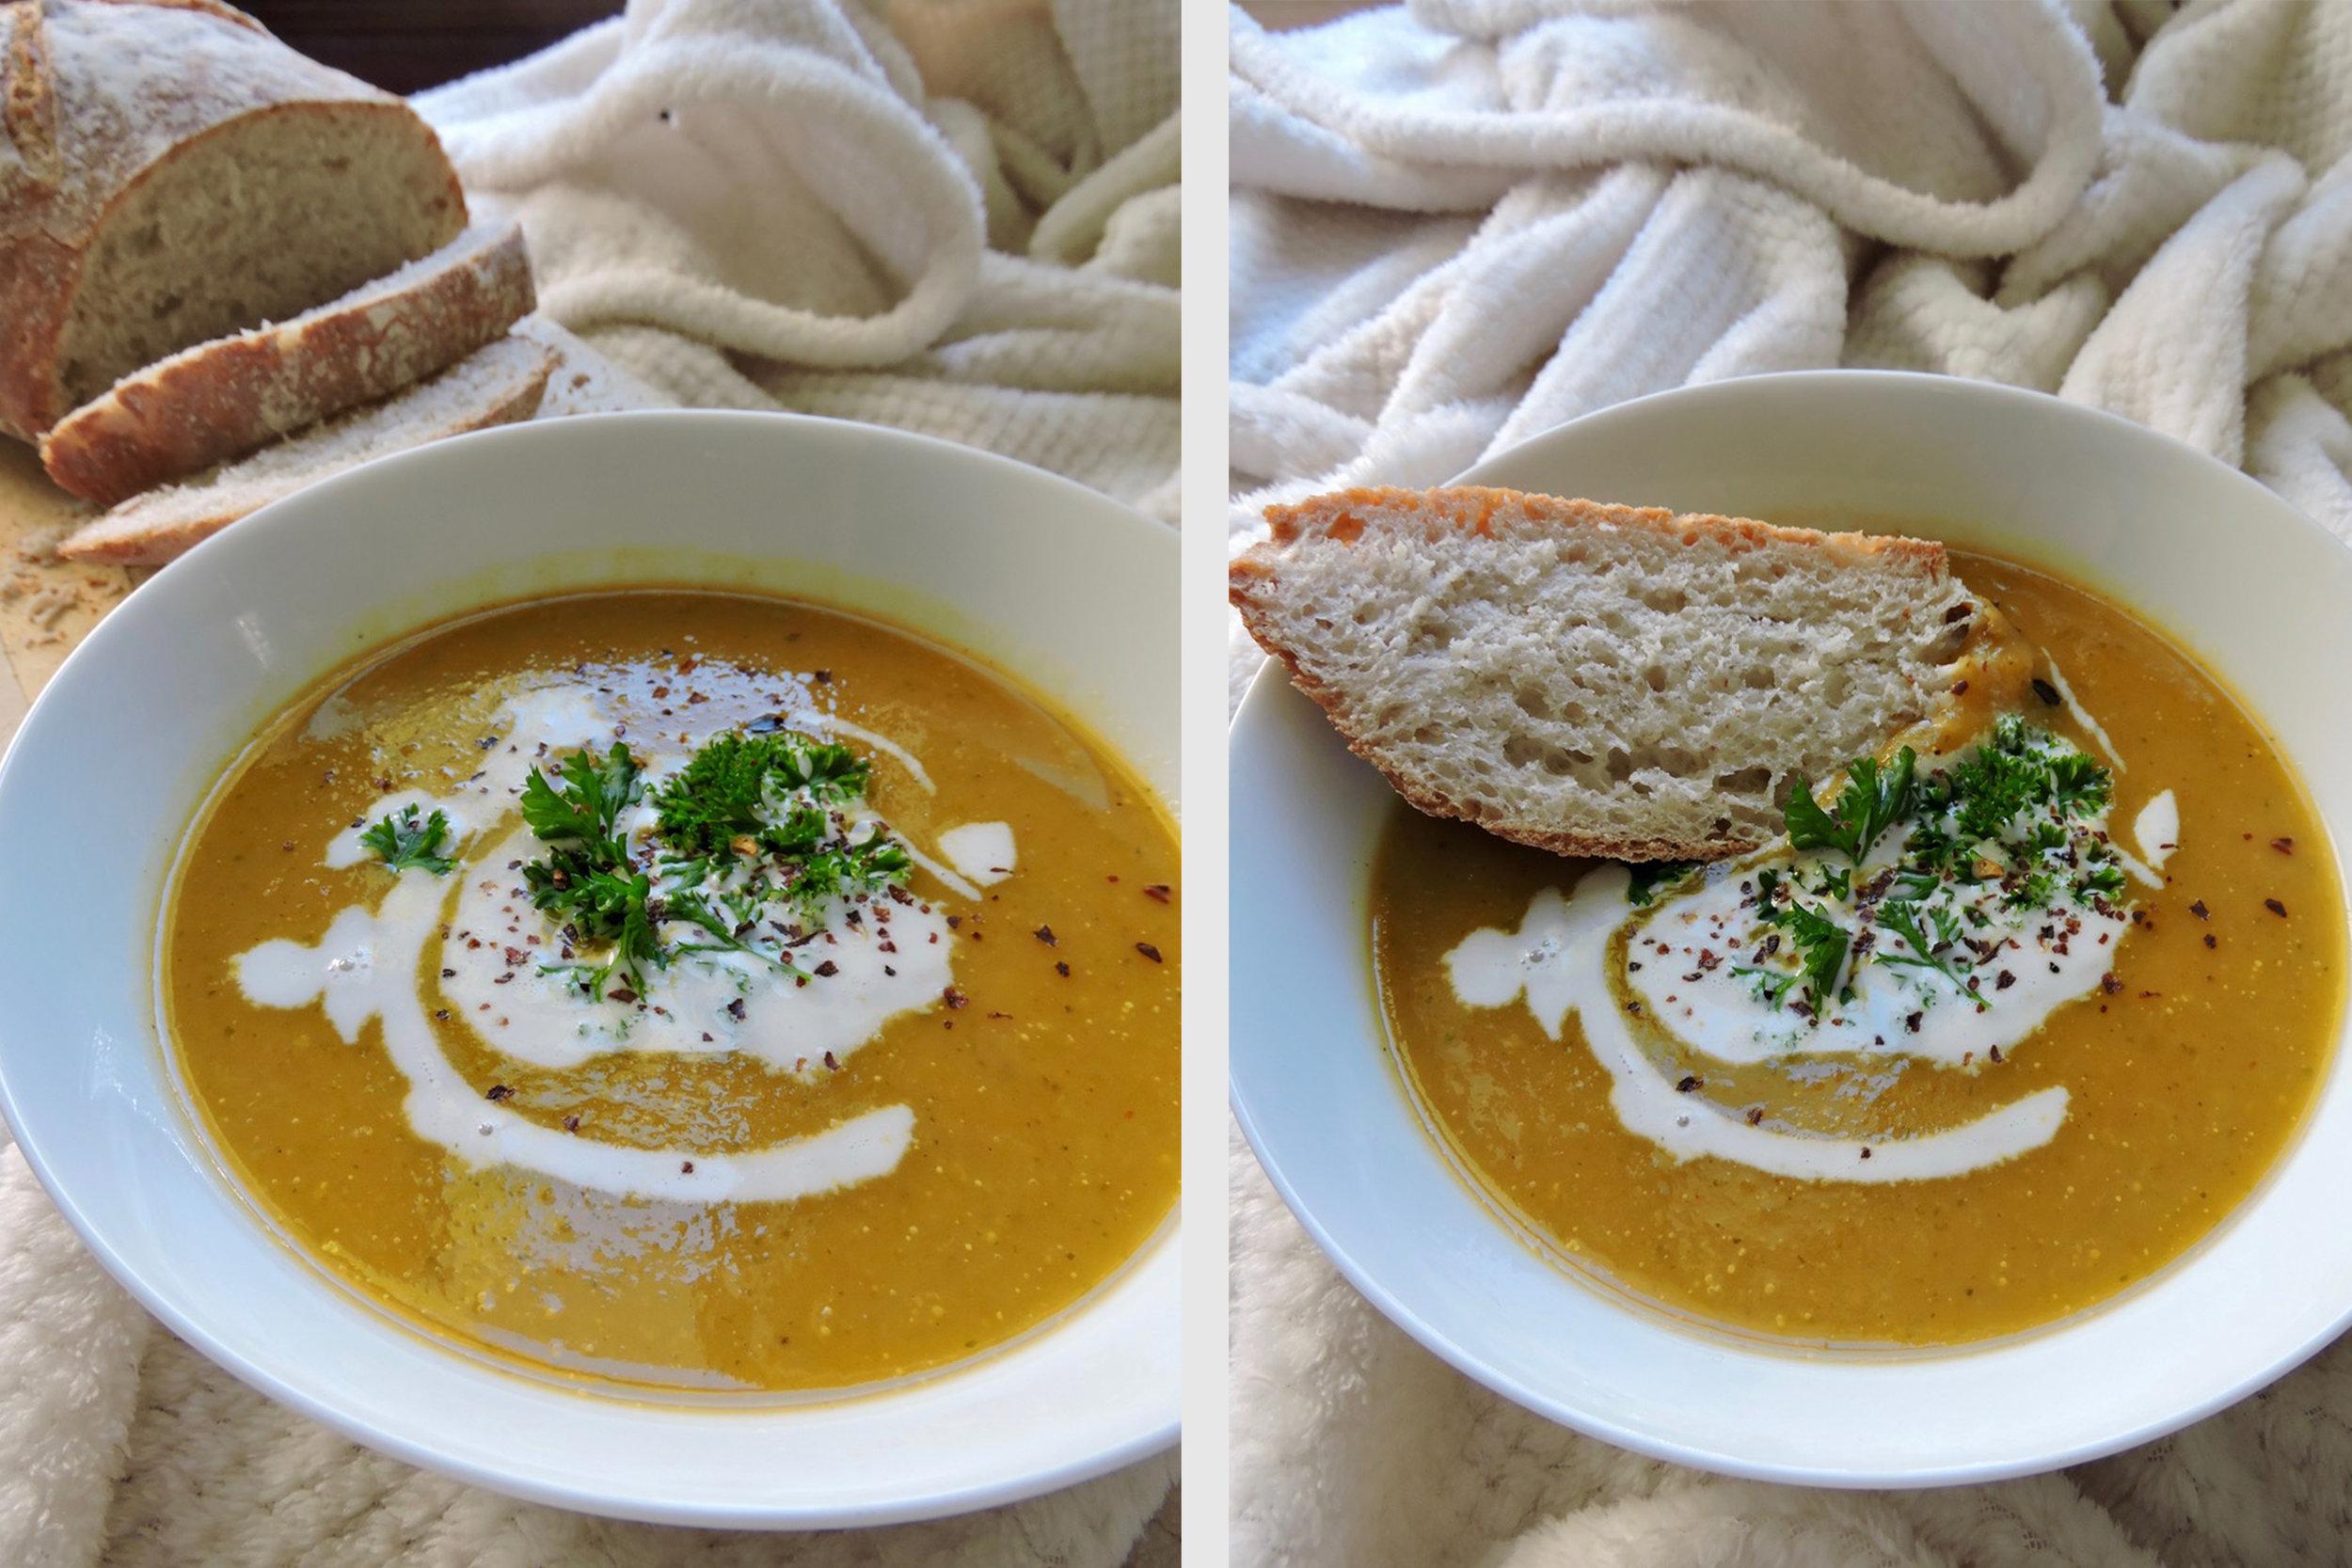 creamy-vegan-pumpkin-soup-comfort-food-1.jpg